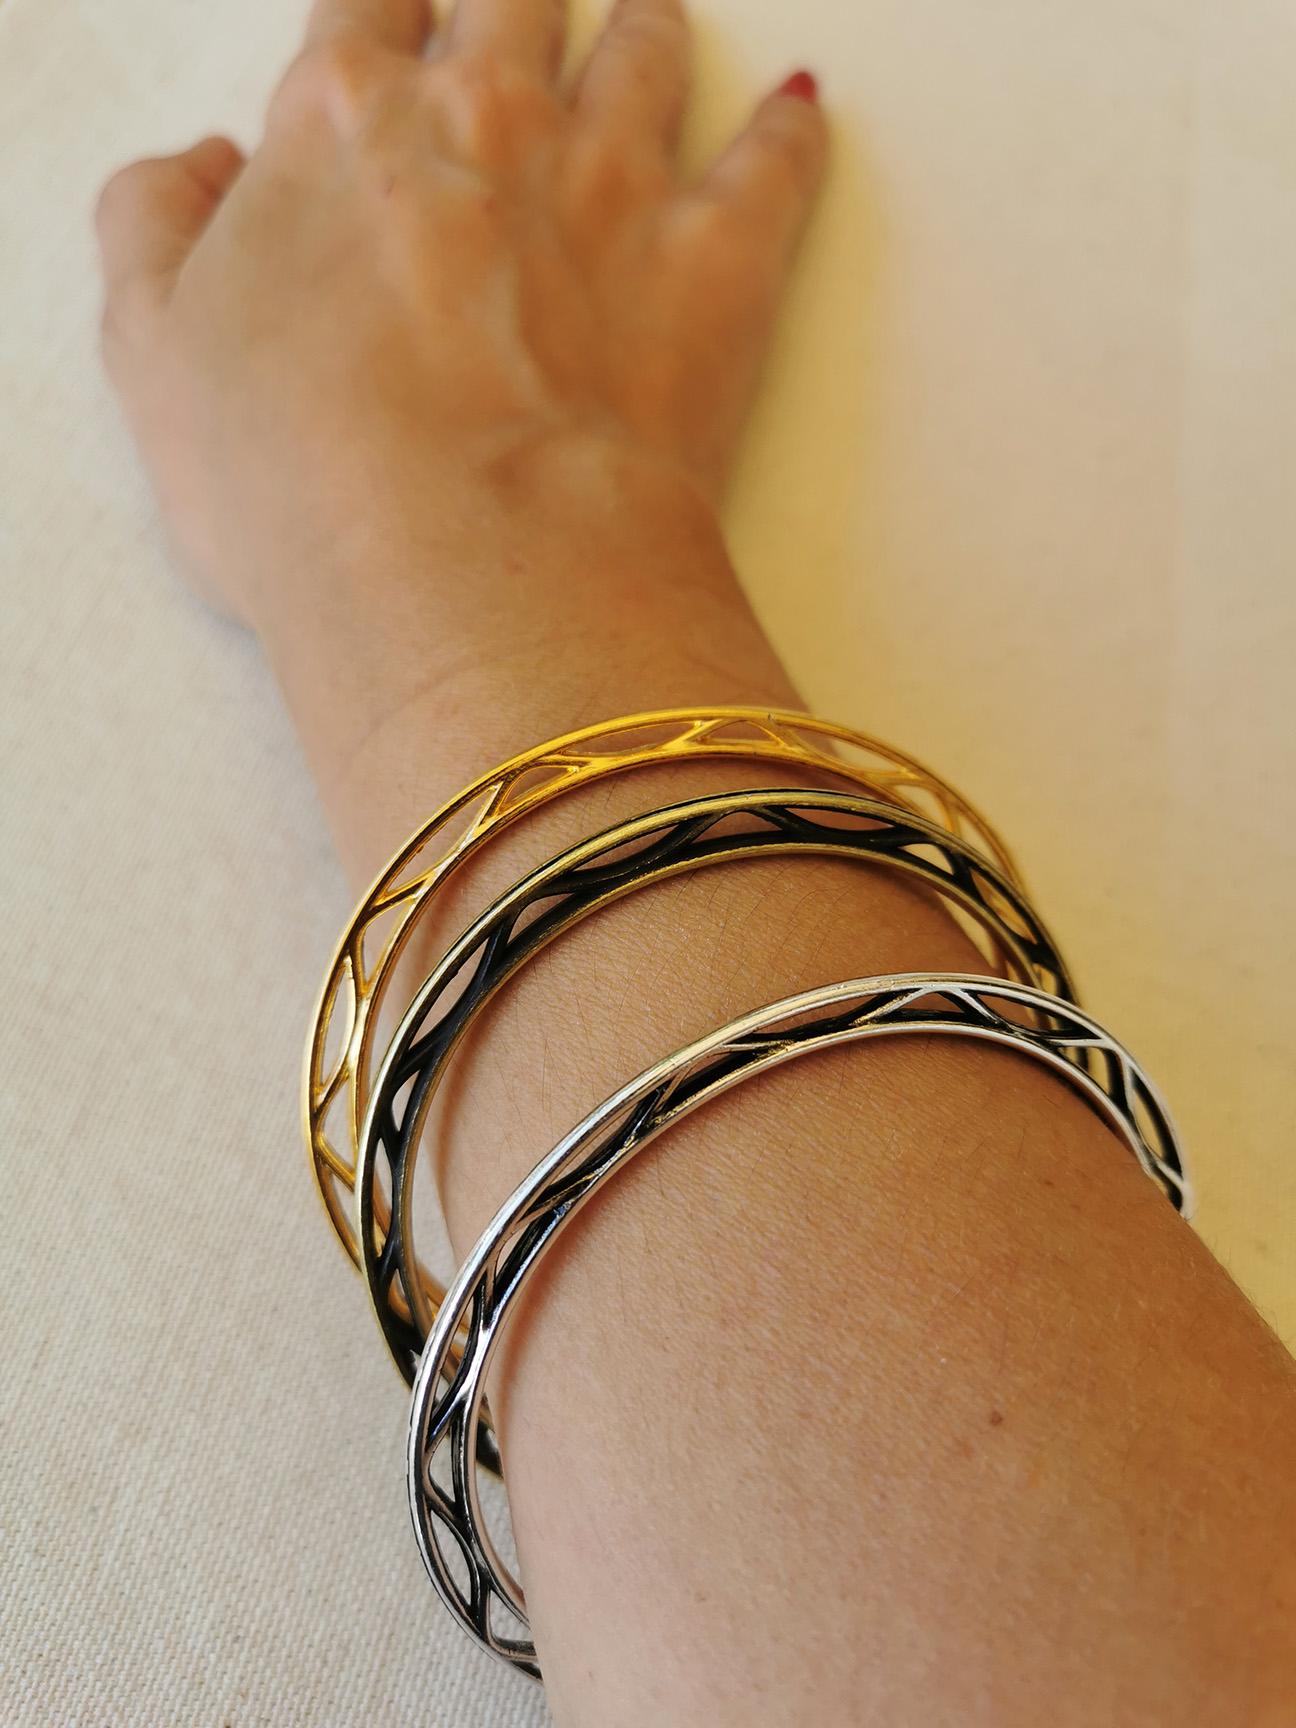 Μεταλλικά βραχιόλια Circle f & l accessories - Μπρονζέ